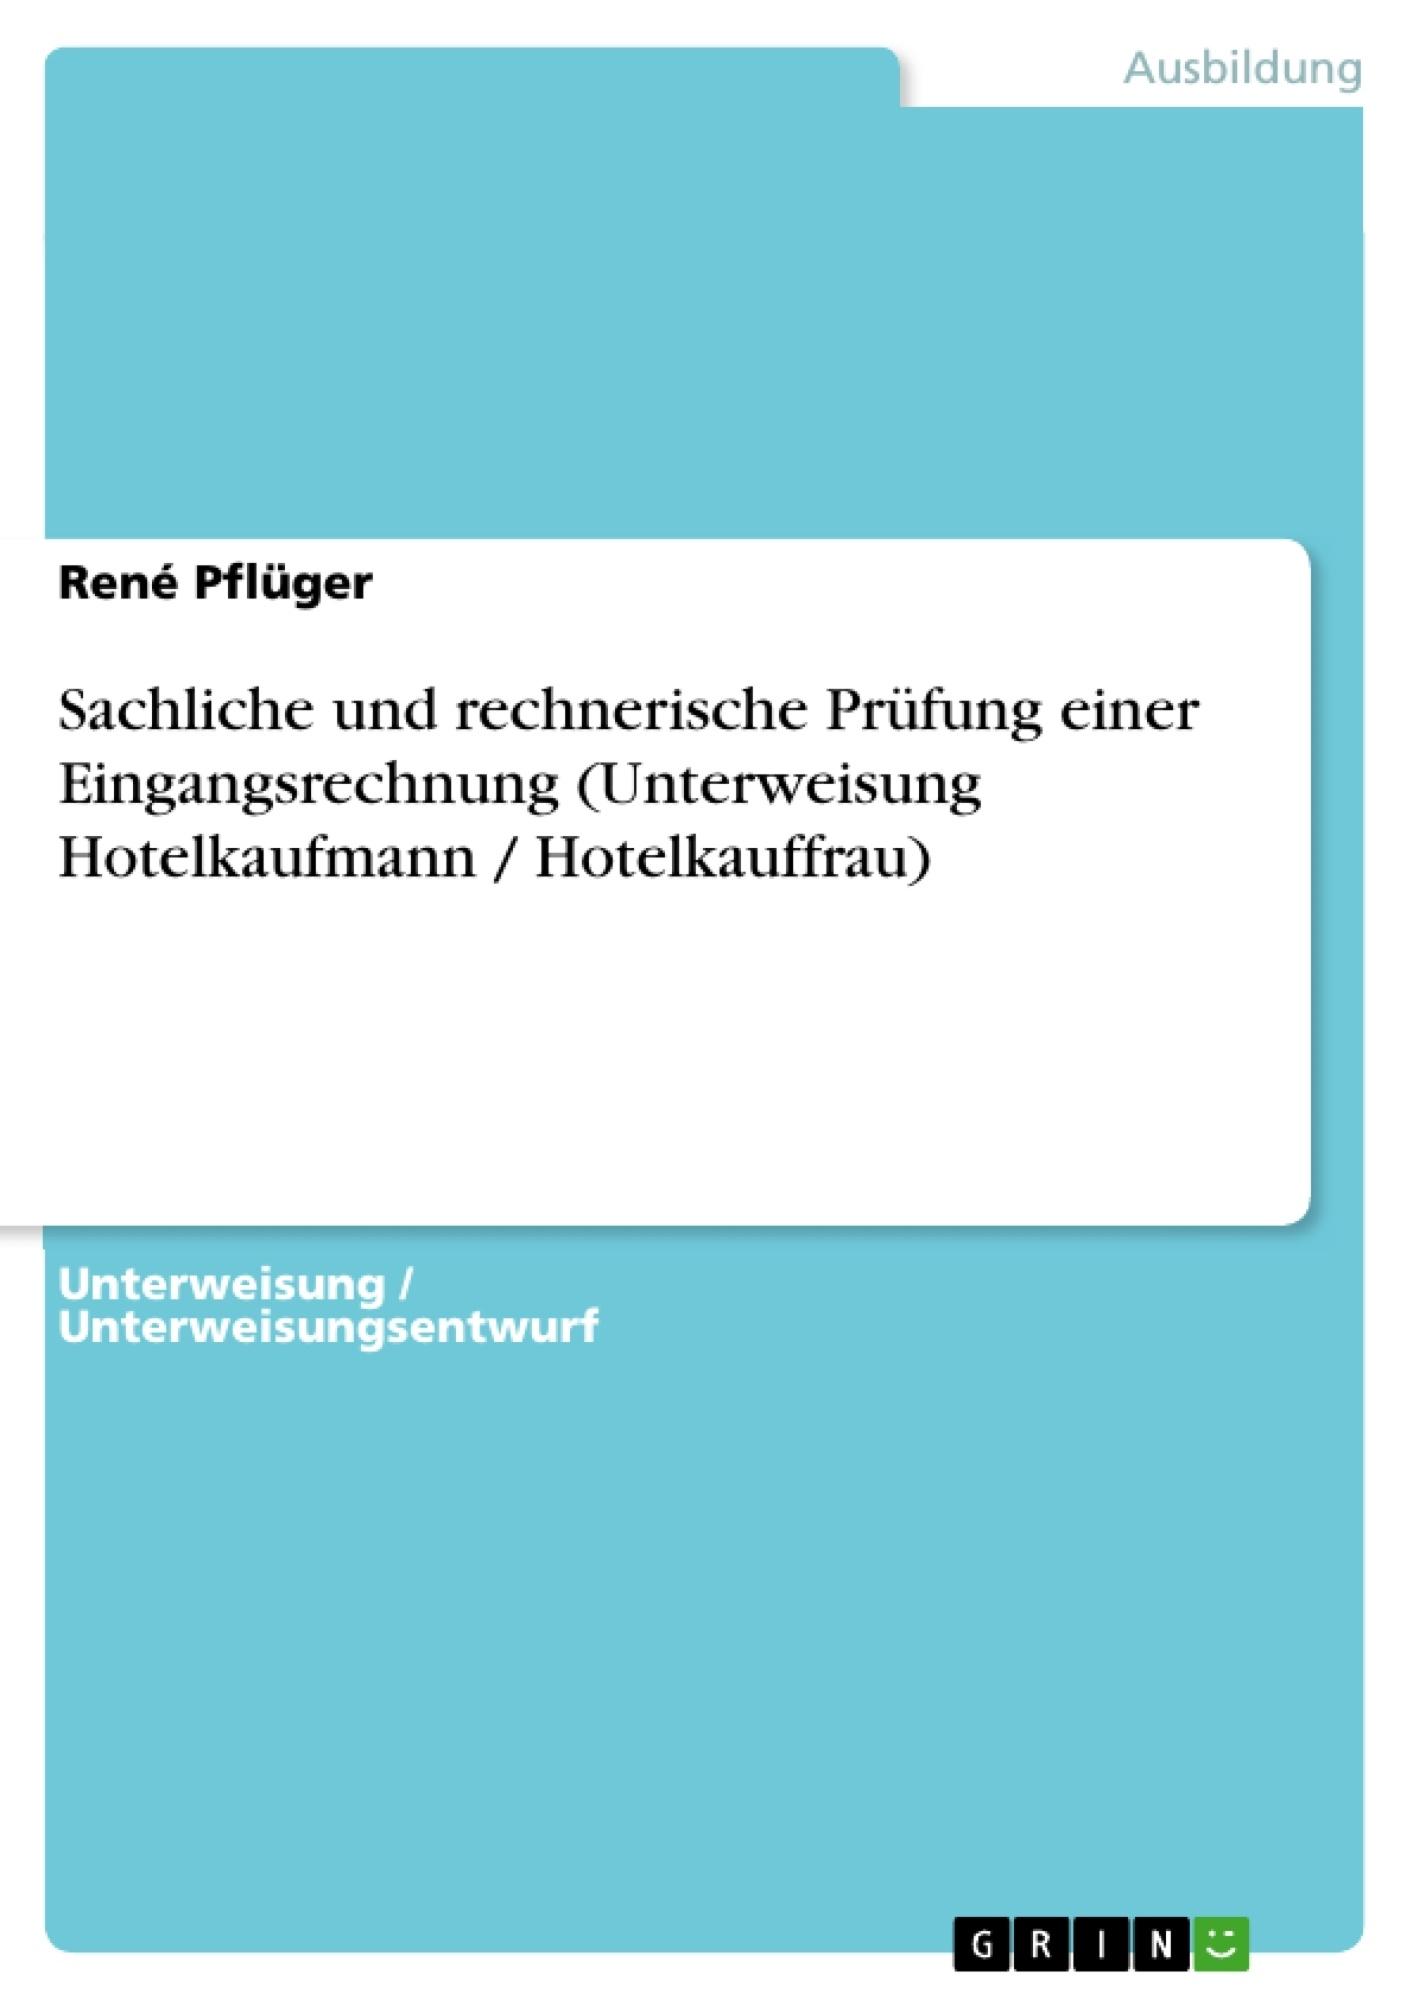 Titel: Sachliche und rechnerische Prüfung einer Eingangsrechnung (Unterweisung Hotelkaufmann / Hotelkauffrau)